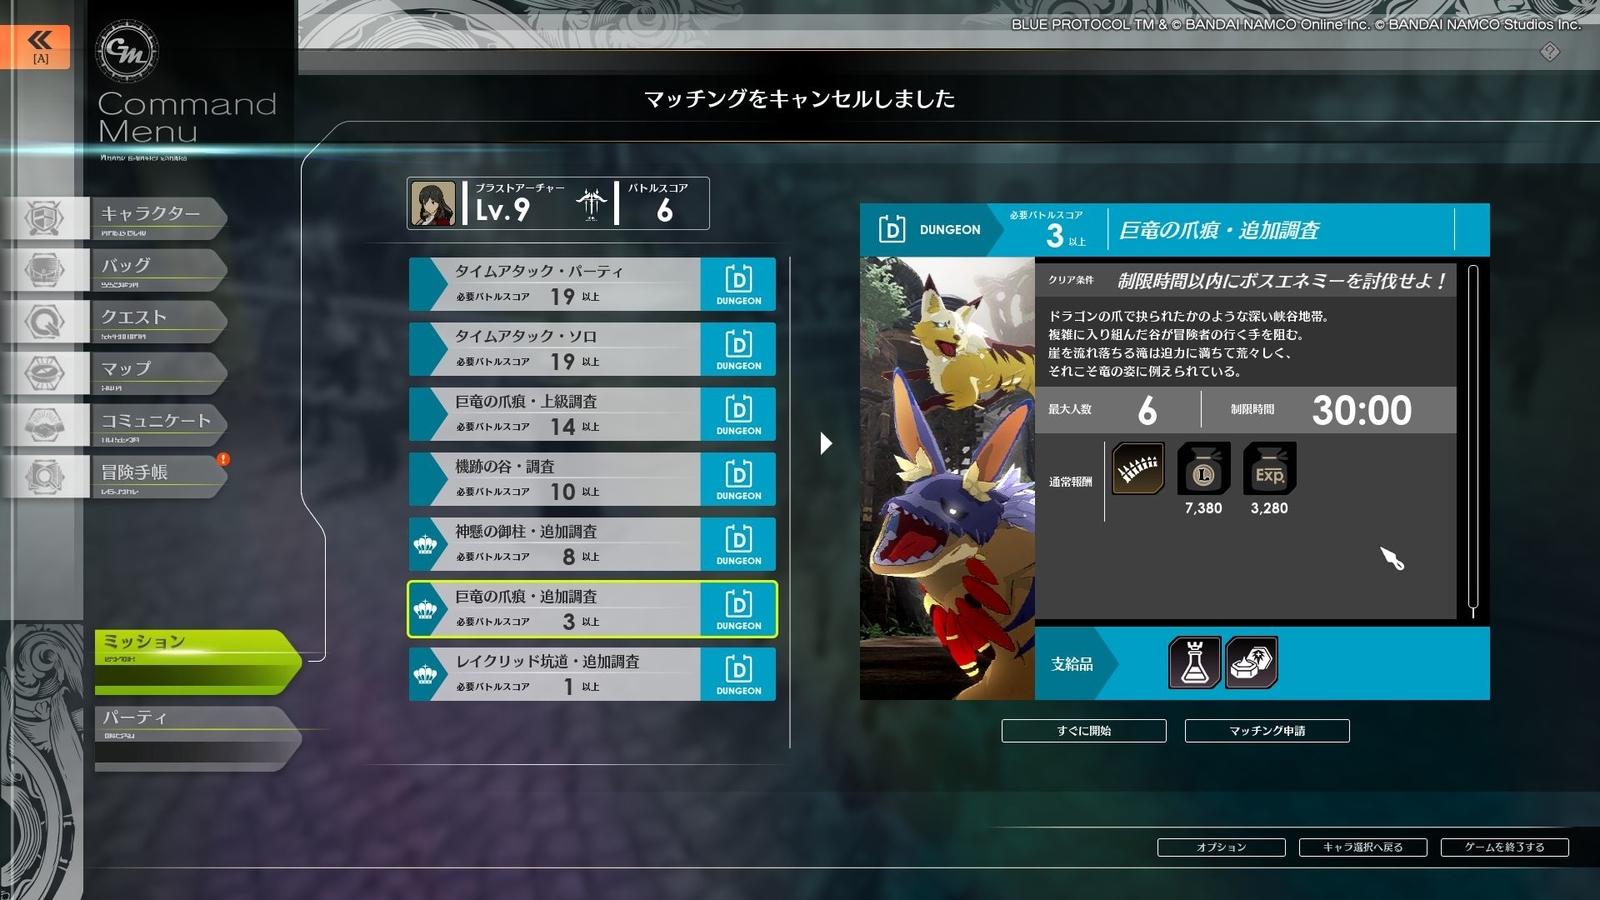 f:id:FukayaAruto:20200428210512j:plain